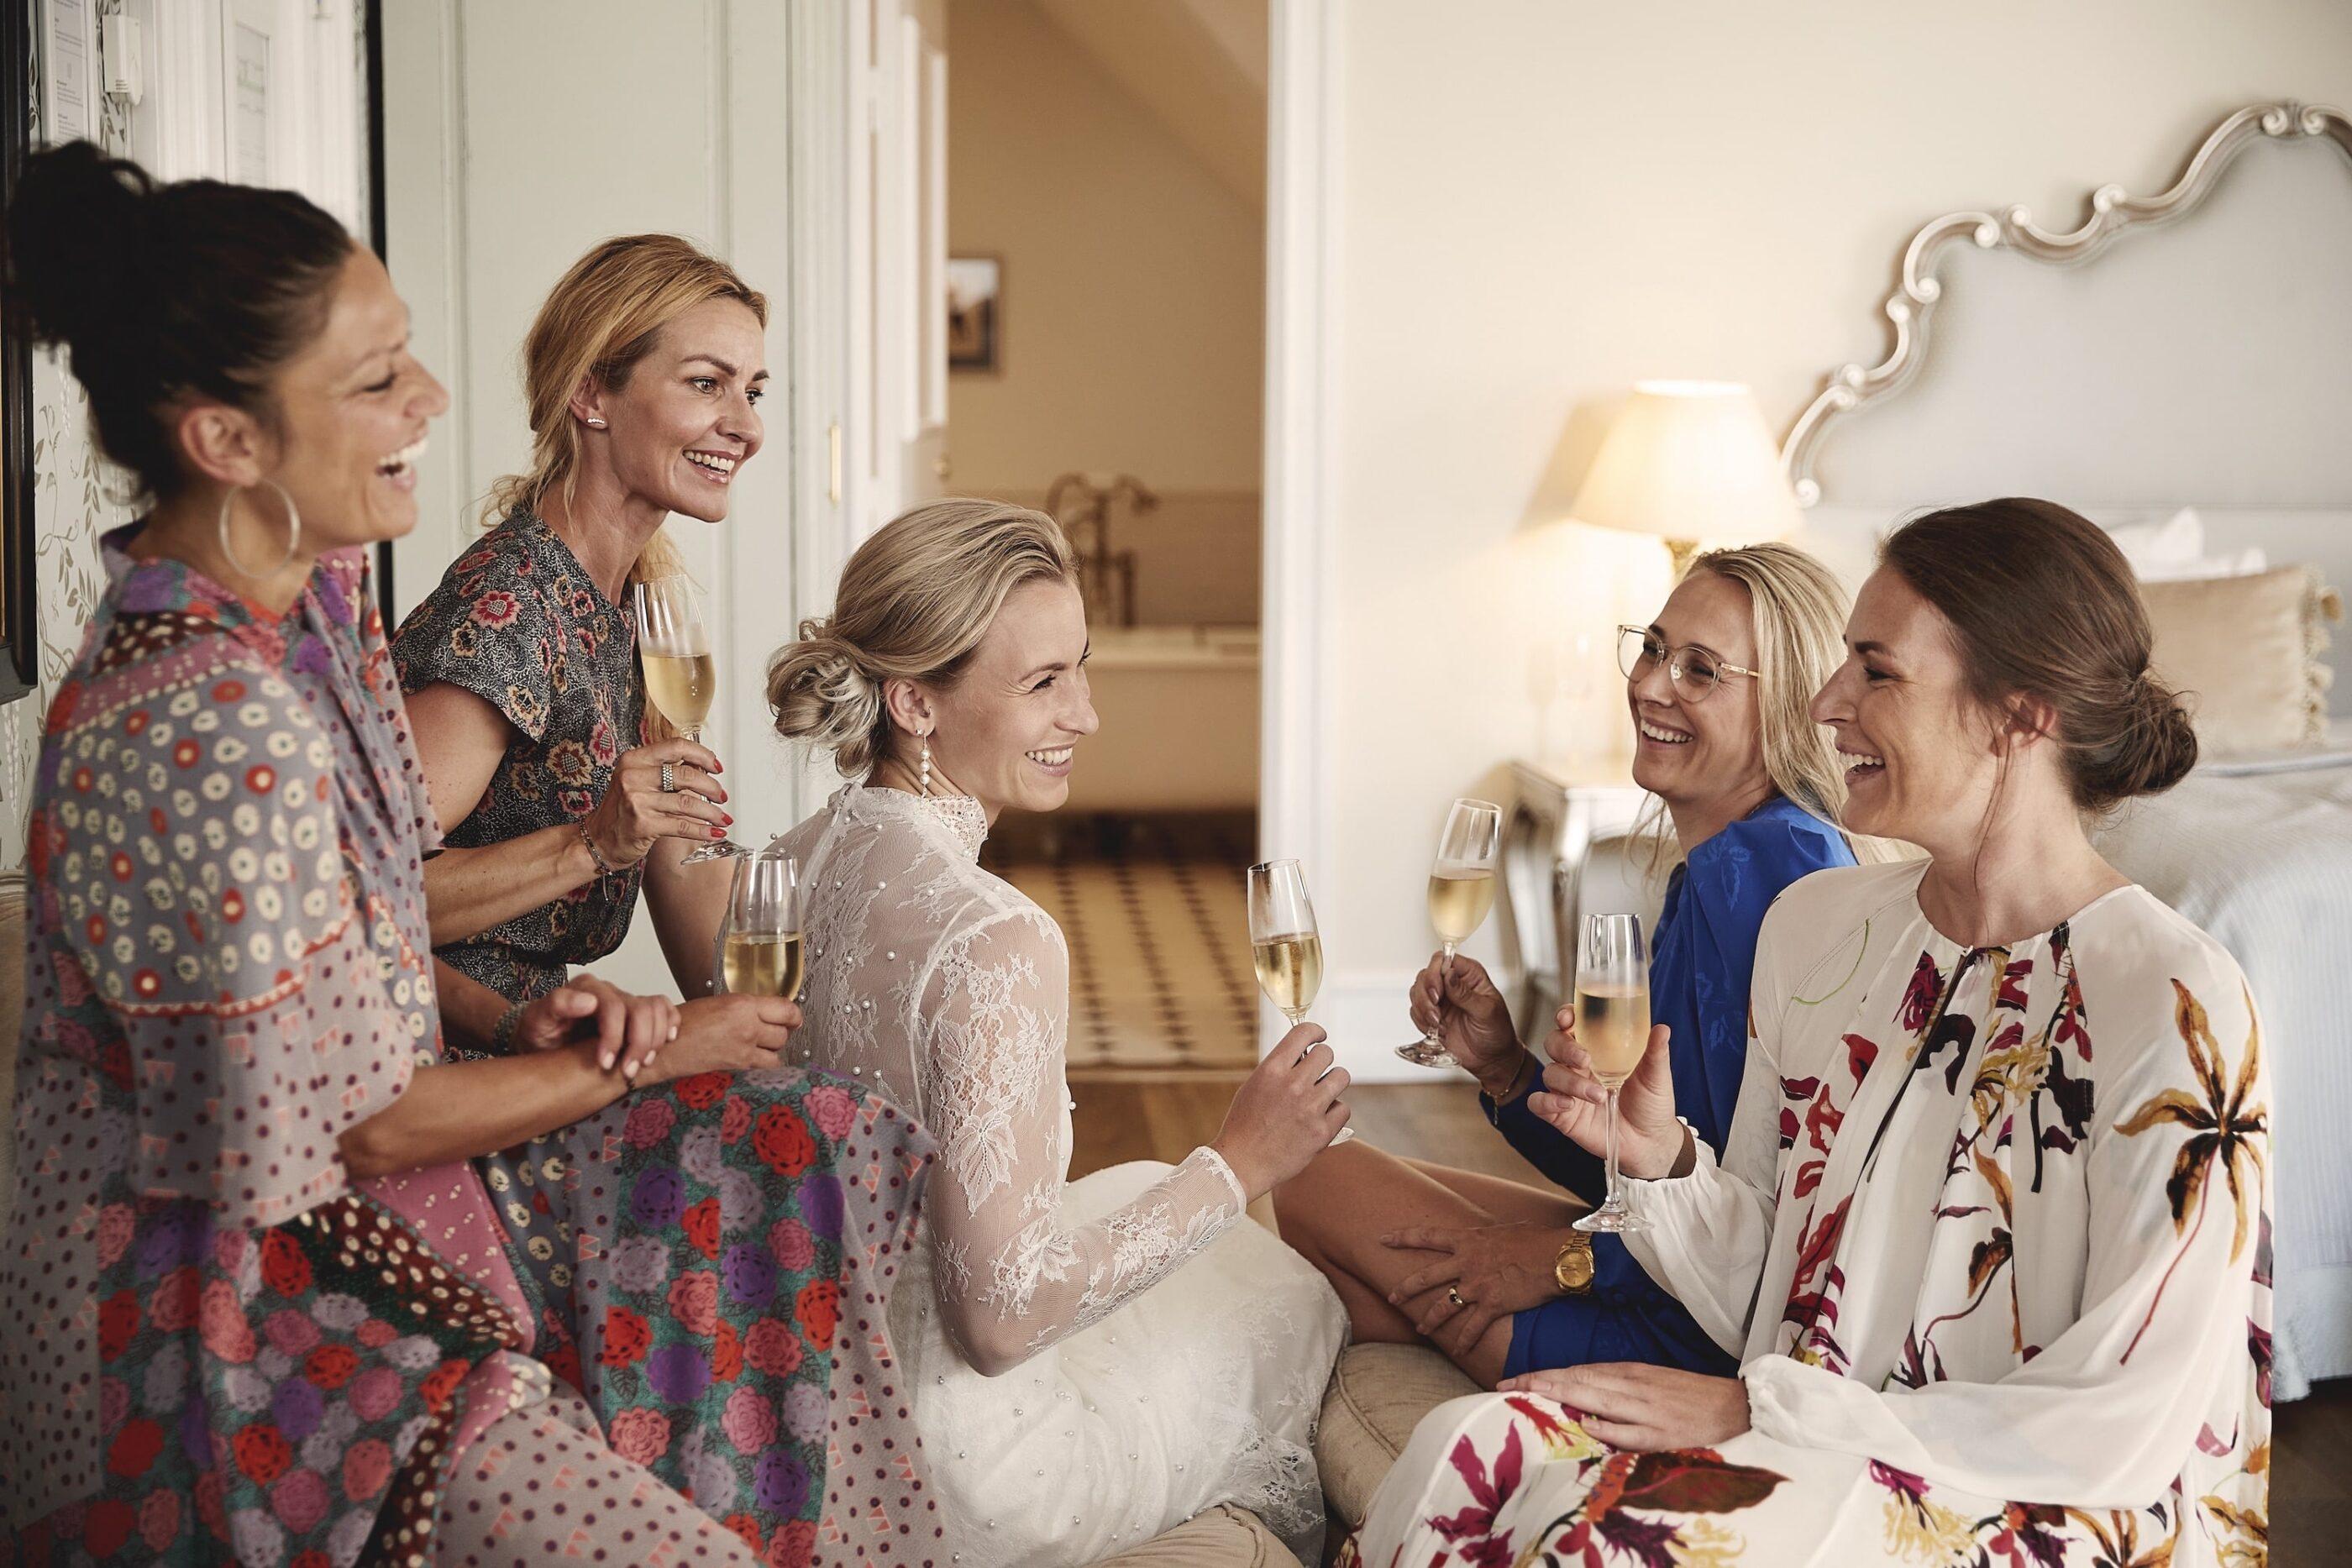 5 kvinder skåler til et glas hvidvin i soveværelset